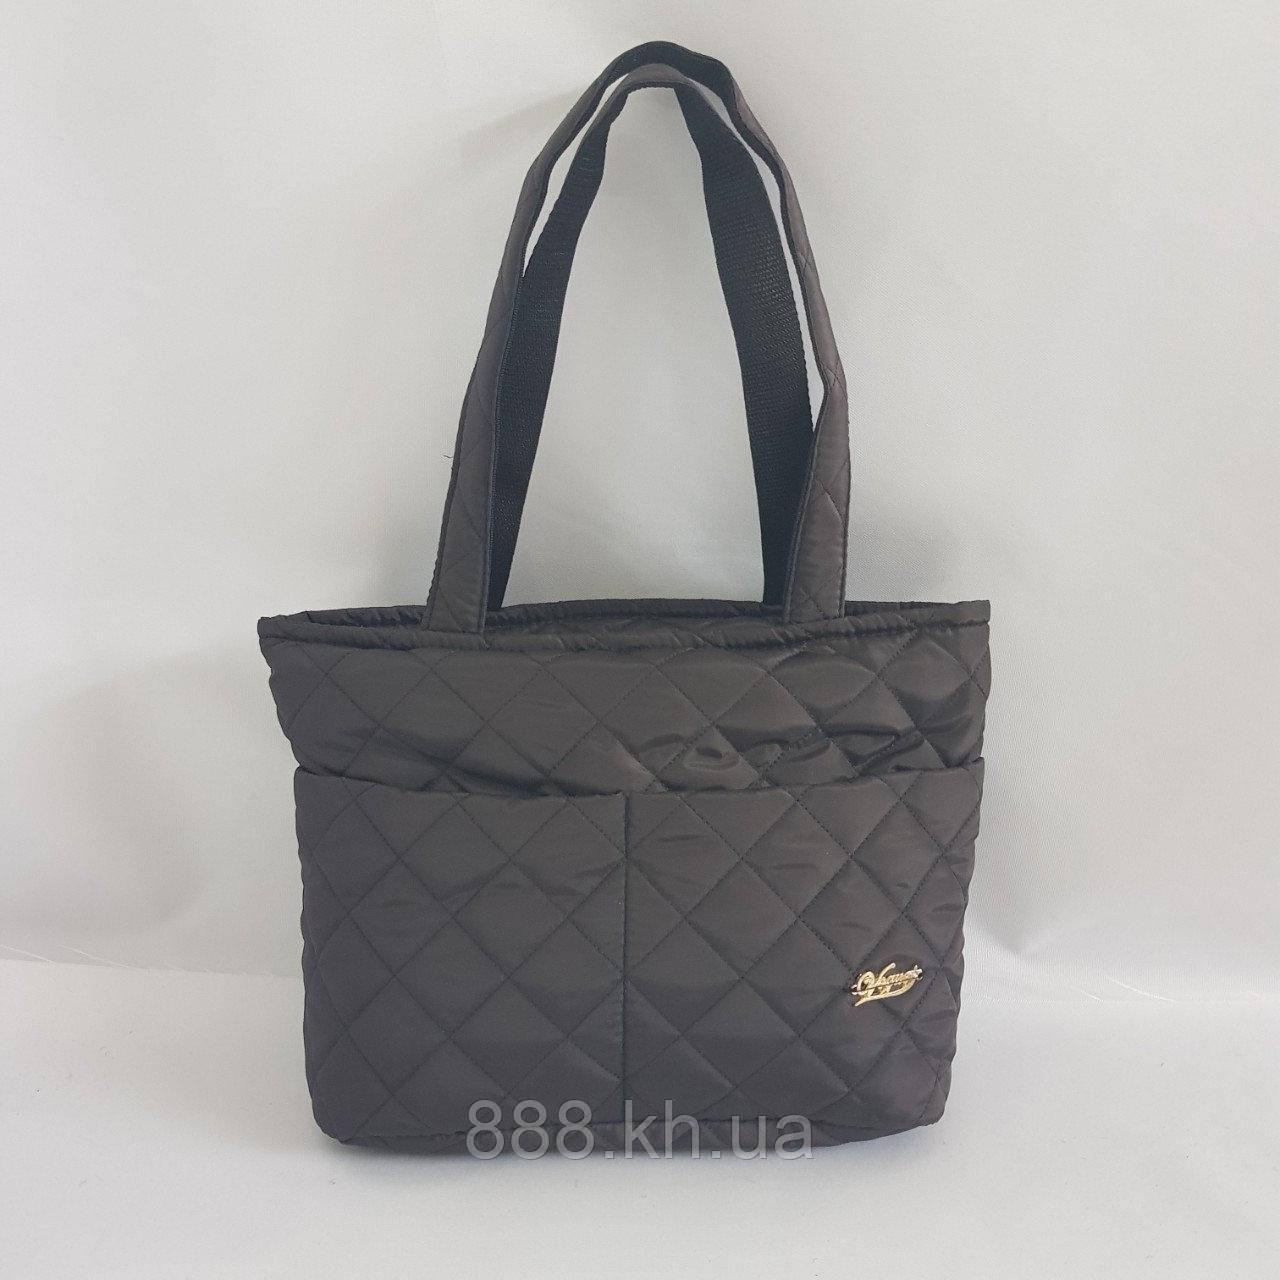 Удобная стеганая спортивная сумка,  дорожная сумка